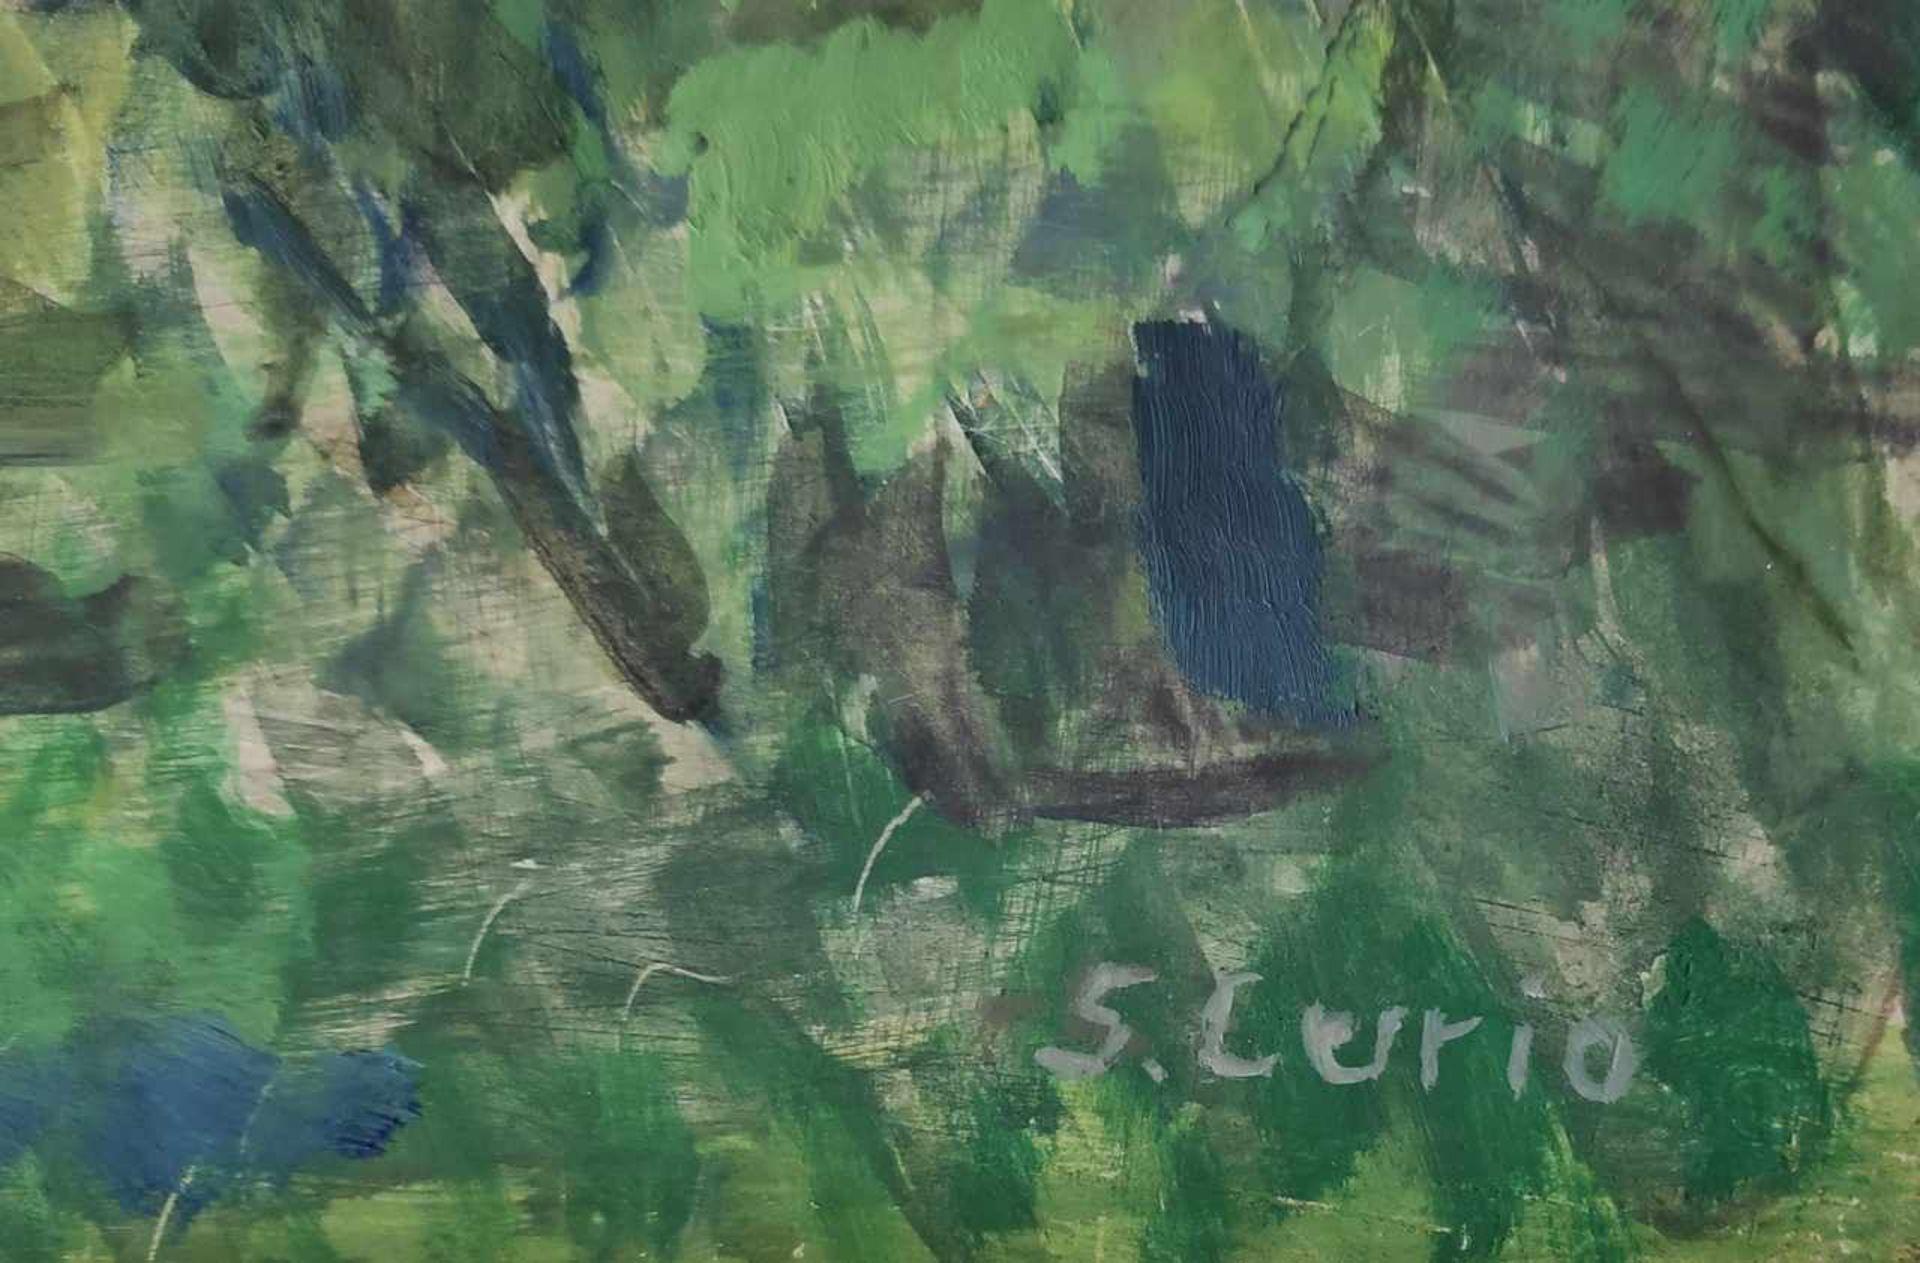 Curio, Sabine (1950 Ahlbeck, lebt in Stolpe auf Usedom) - Bild 3 aus 5